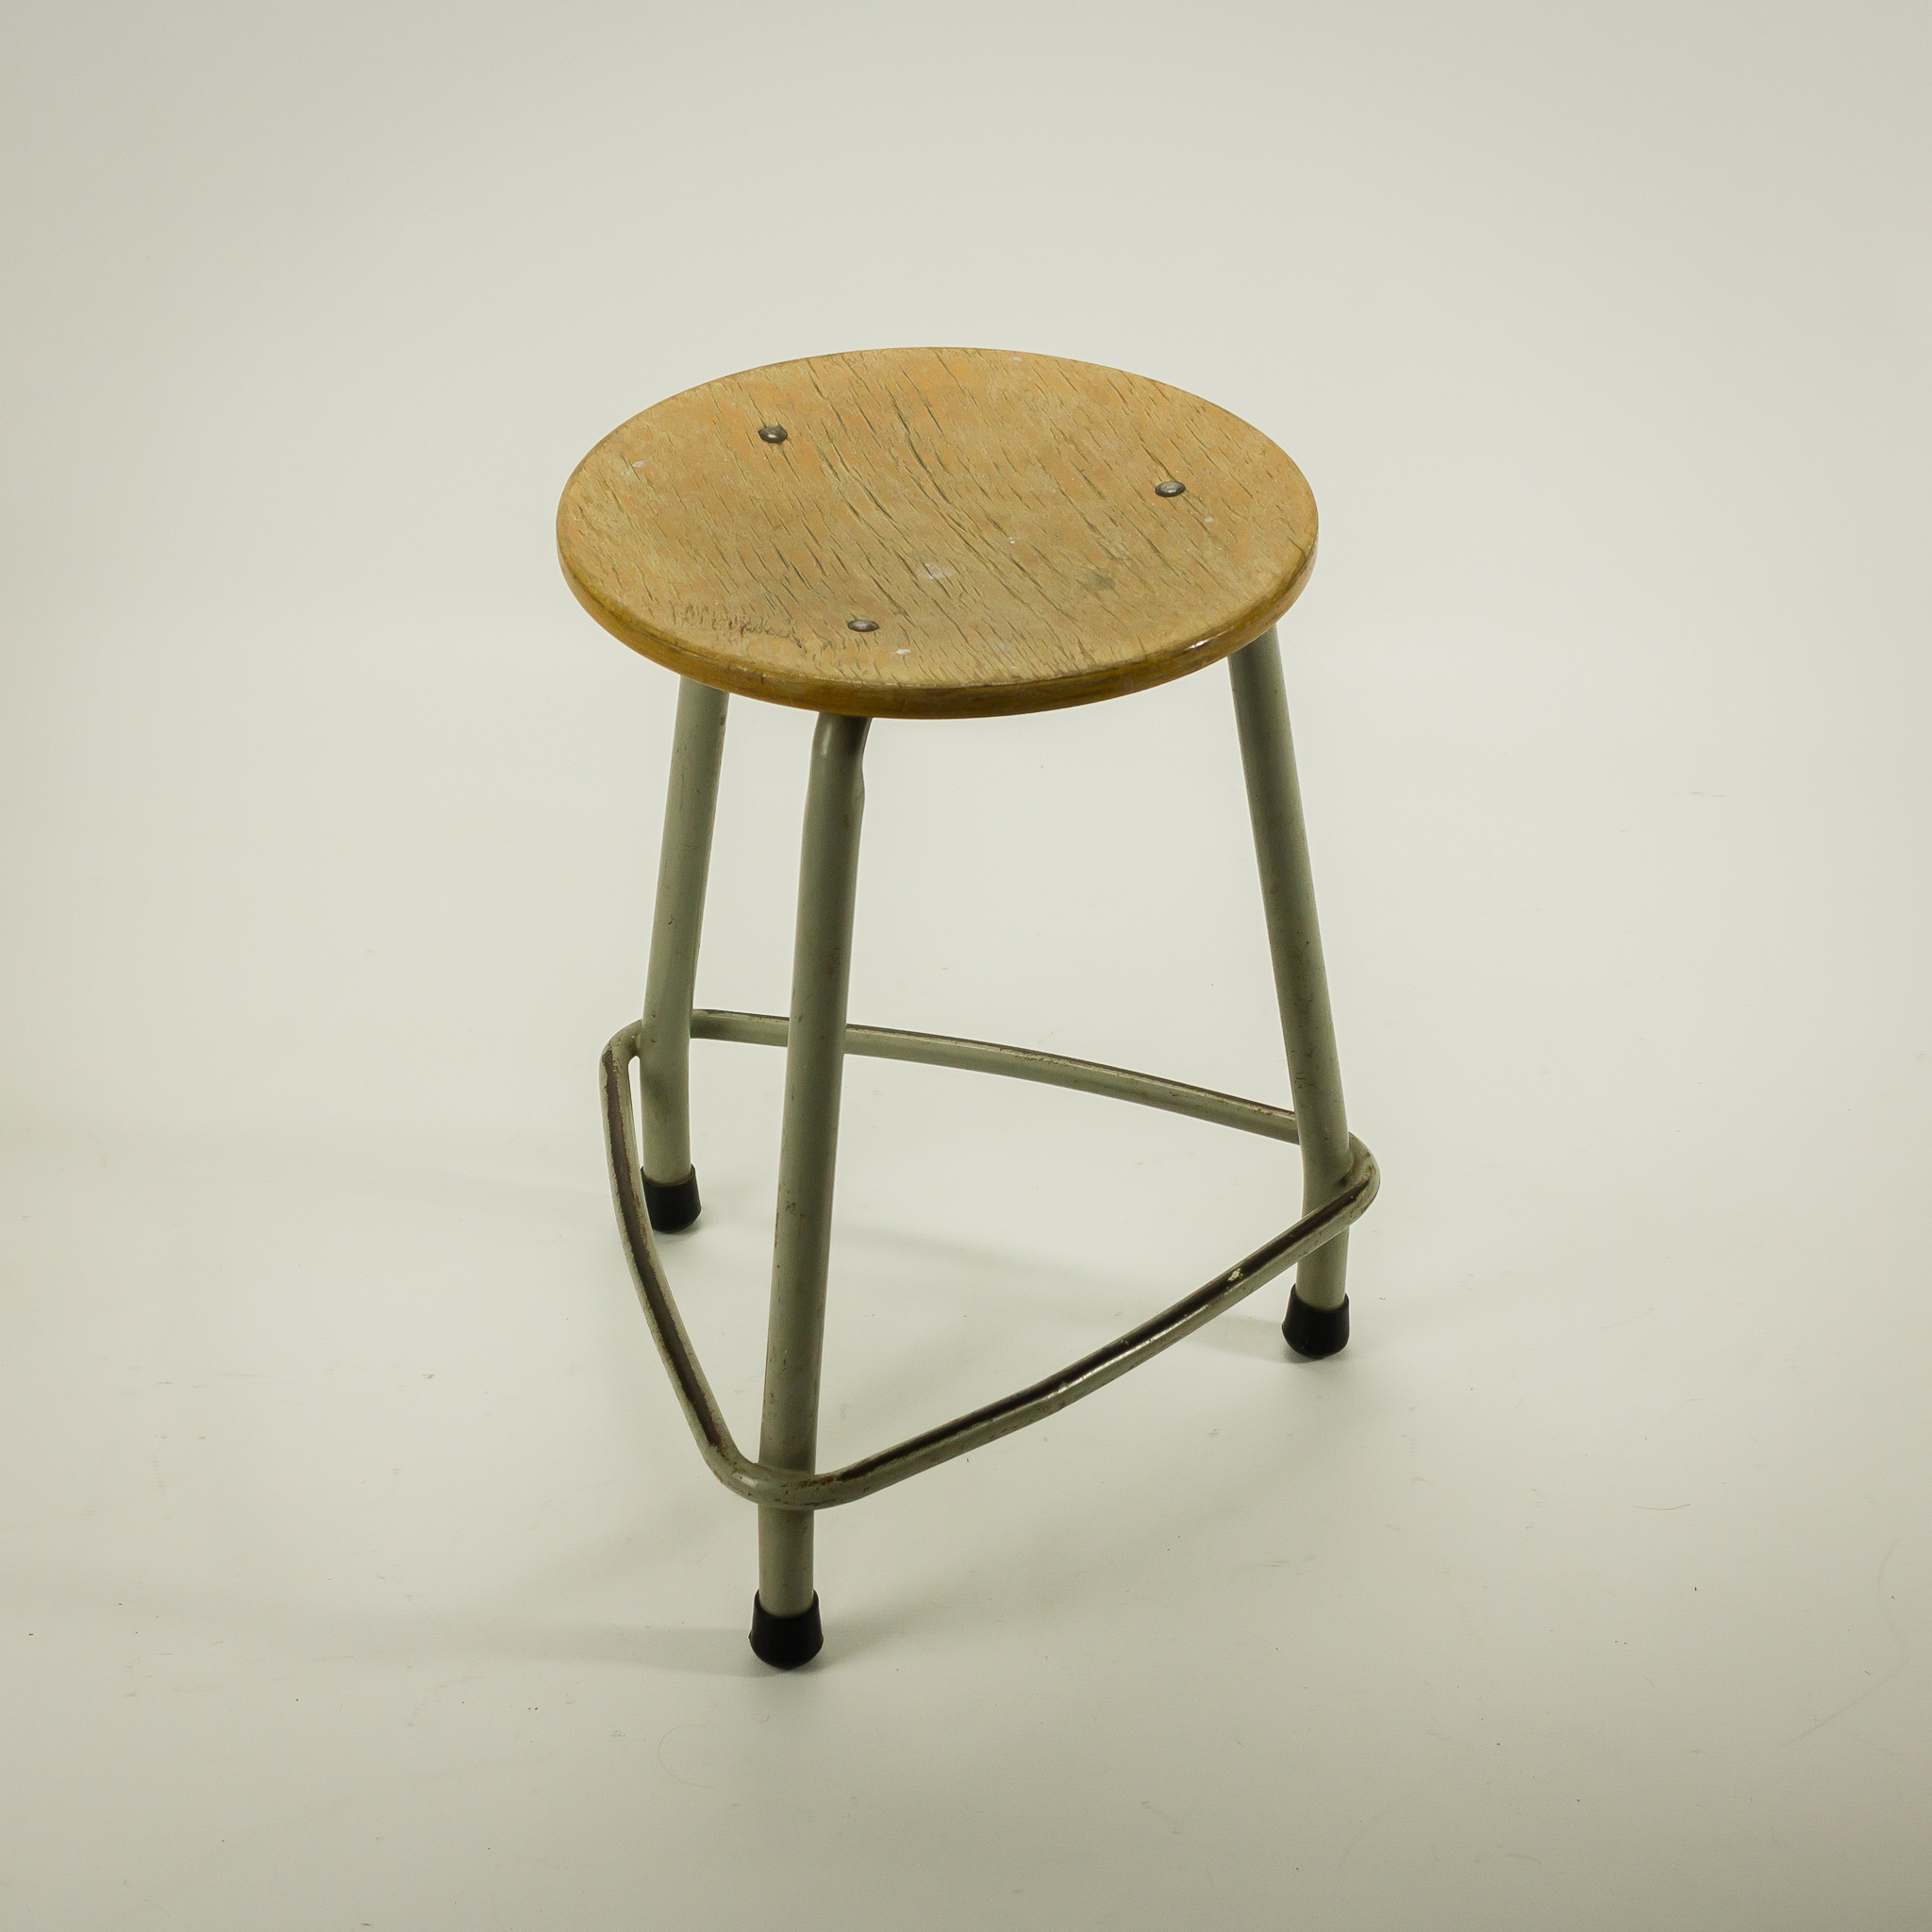 1964 Rare Friso Kramer Coffee Table For Ahrend De Cirkel: 60's Ahrend Kruk Door Friso Kramer